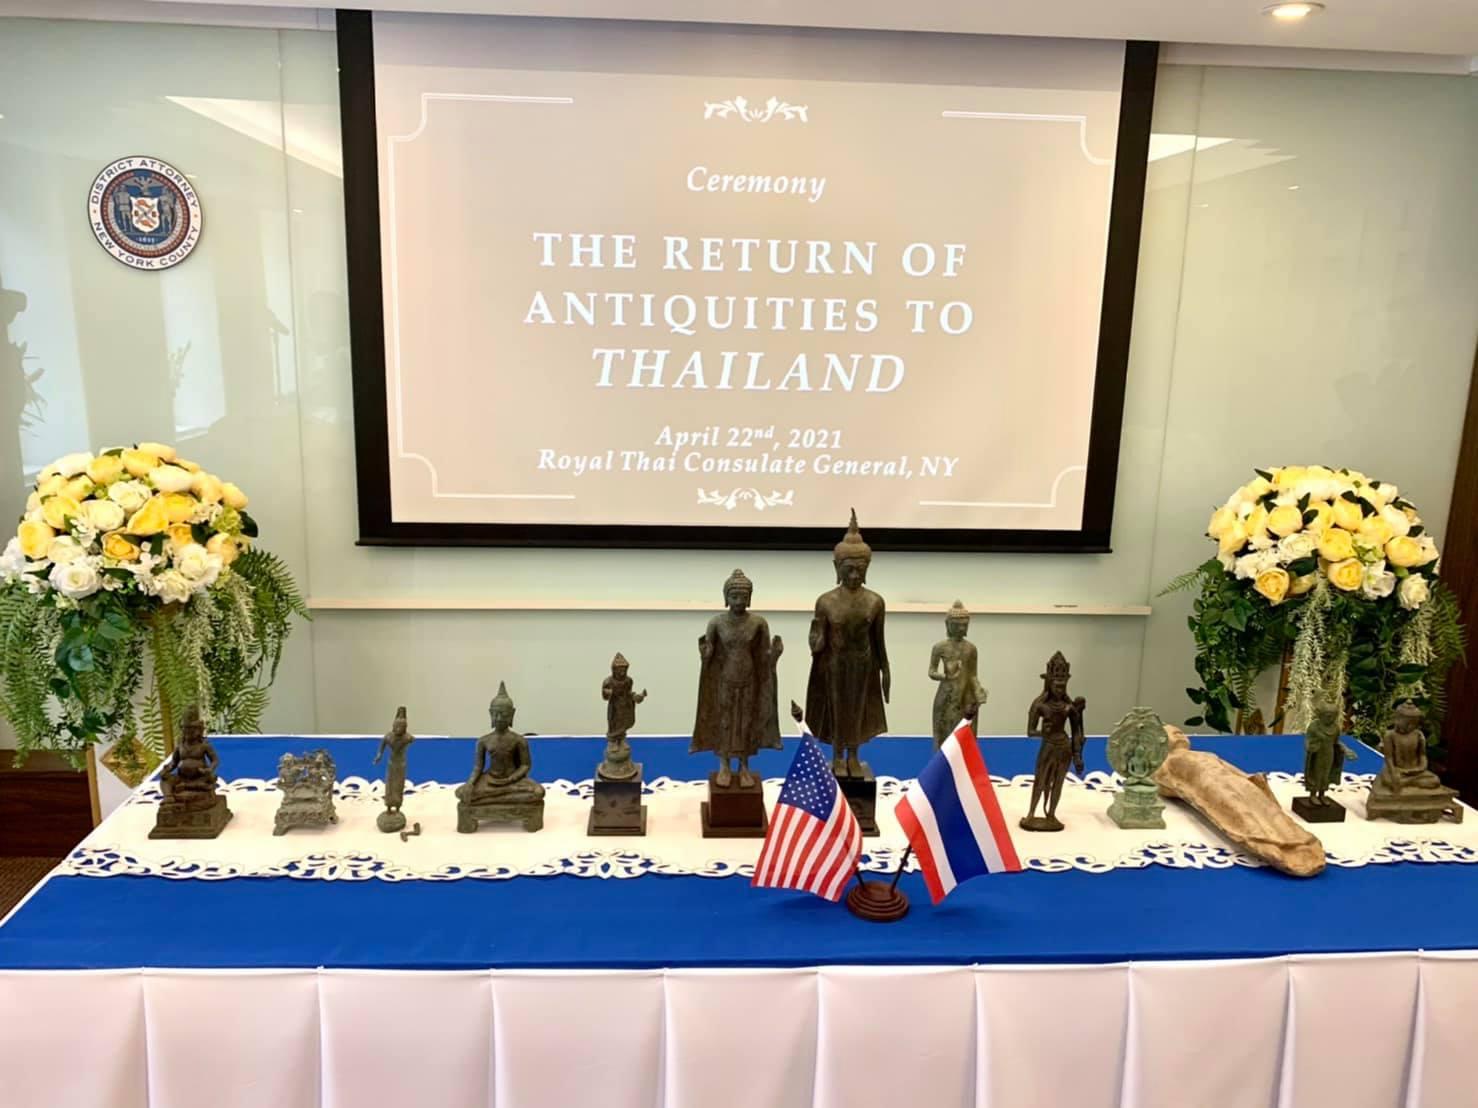 ความคืบหน้าล่าสุด ในการรับมอบโบราณวัตถุของไทย ๑๓ รายการ จากสหรัฐอเมริกา เพื่อส่งกลับคืนสู่ประเทศไทย